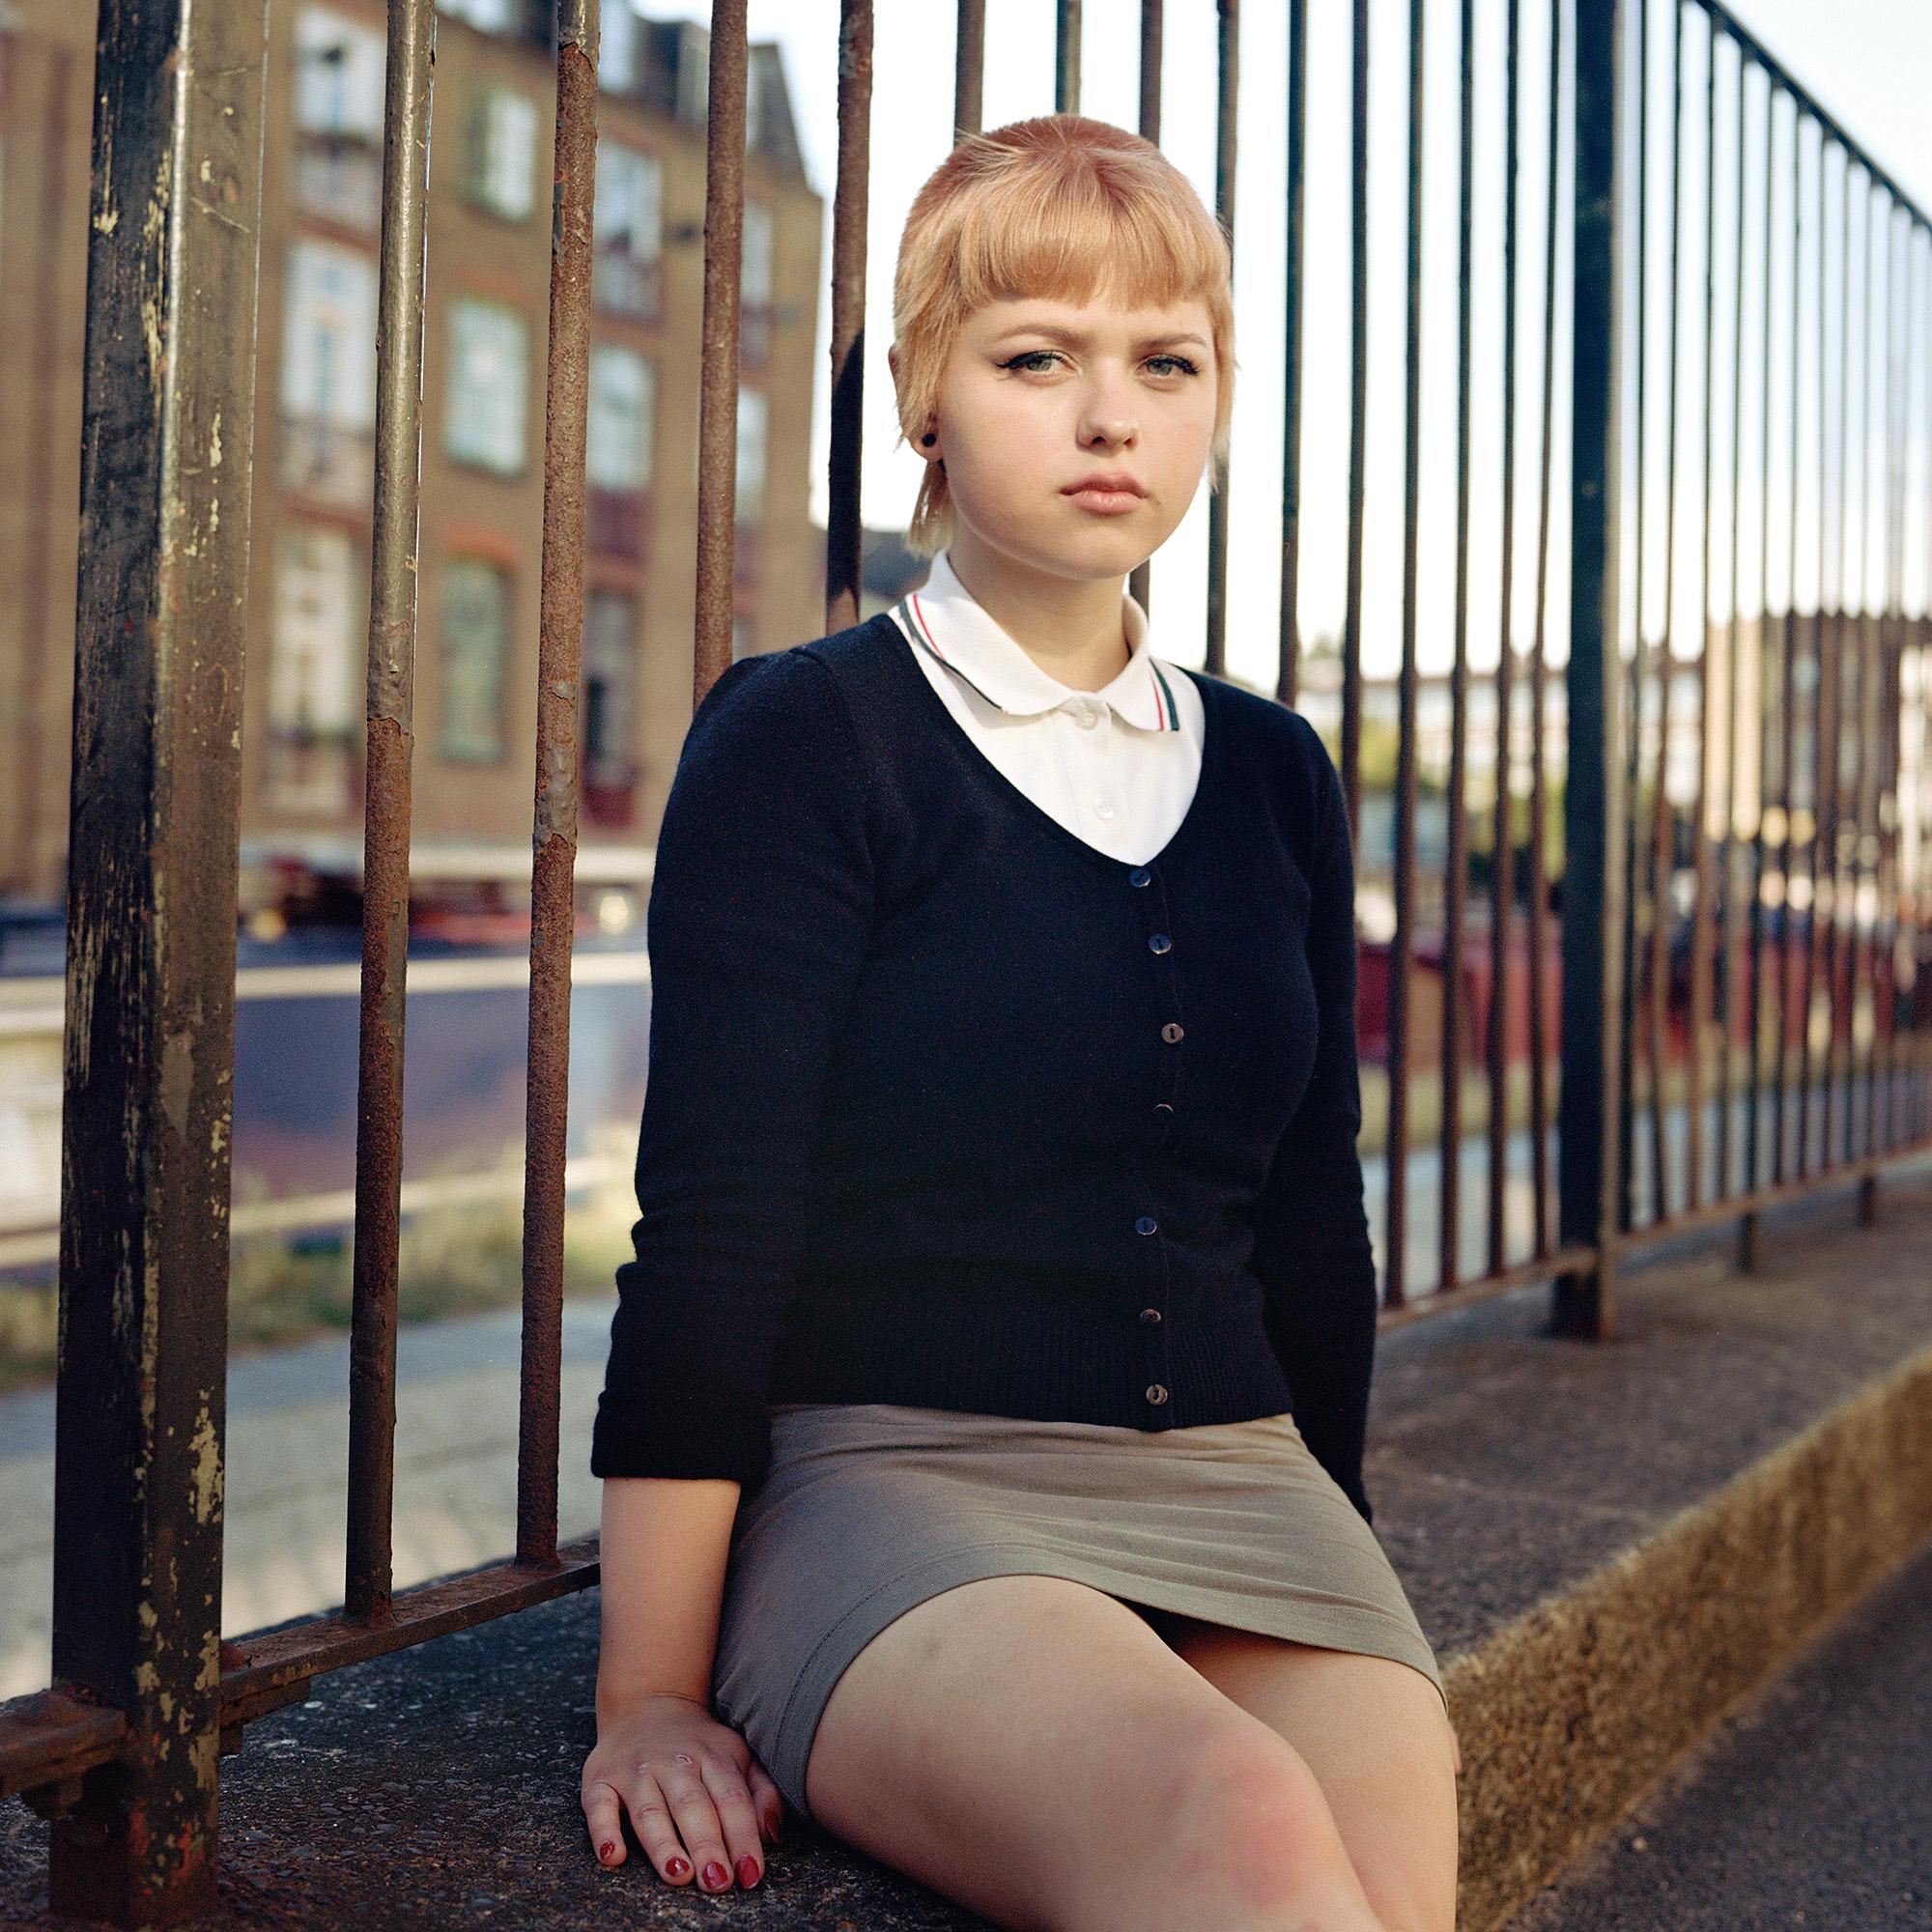 欧文·哈维 (Owen Harvey) 在英国伦敦拍摄的中画幅模拟彩色肖像